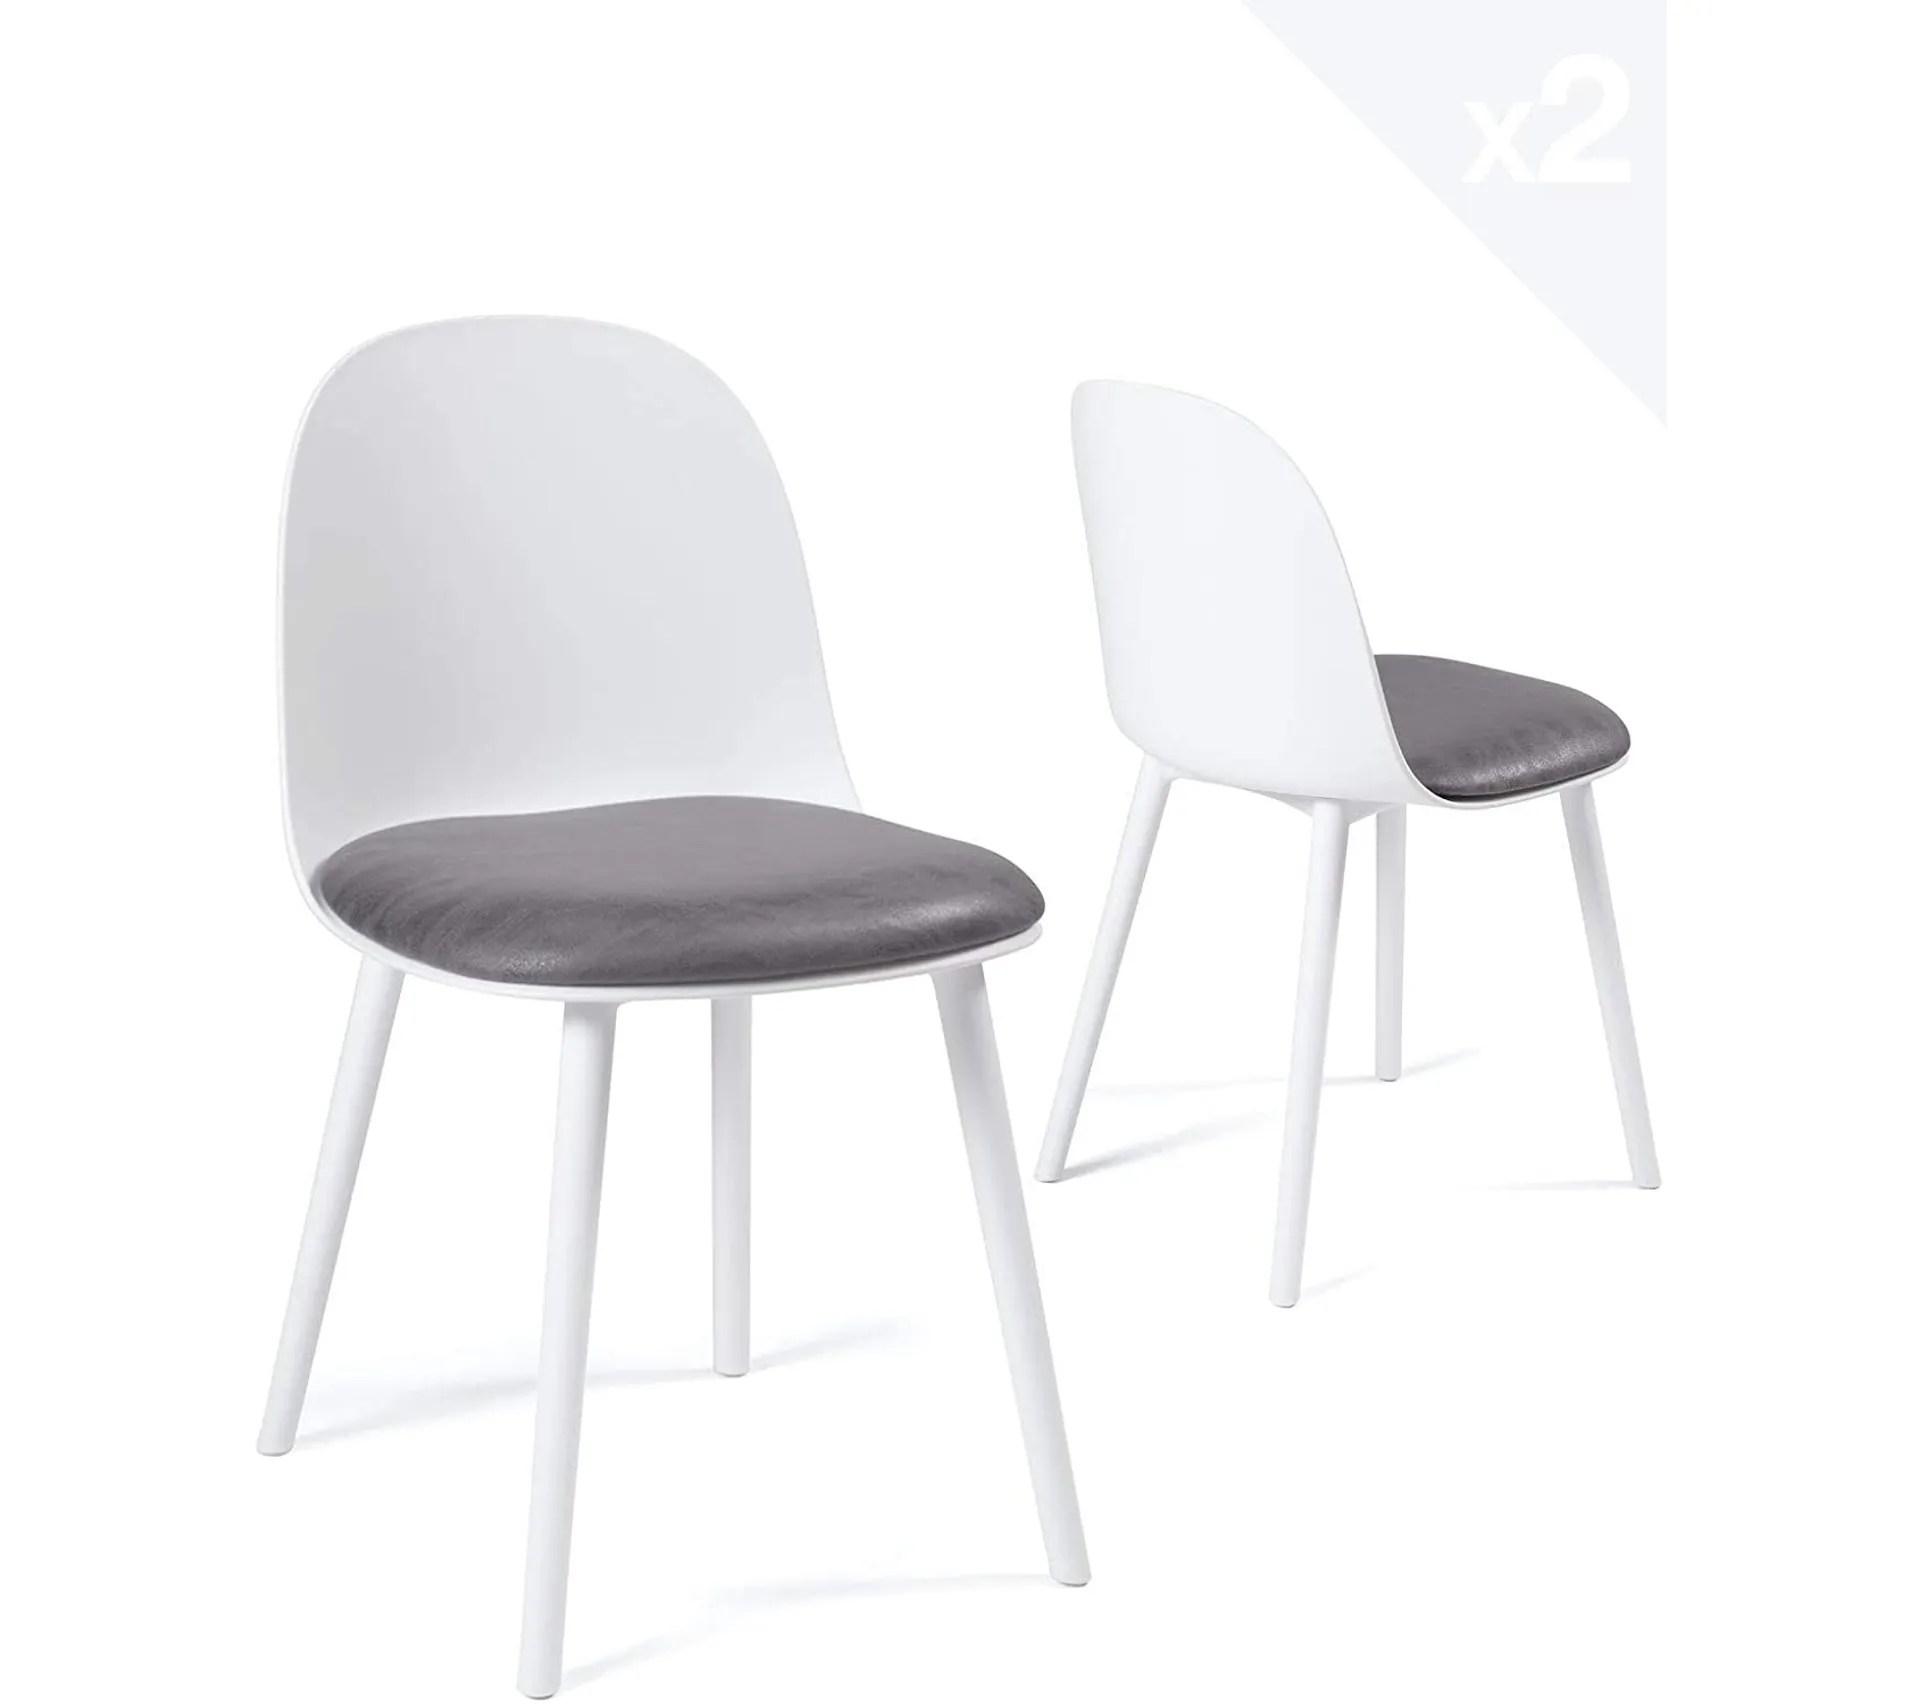 lot de 2 chaises cuisine design coussin integre ufi blanc gris